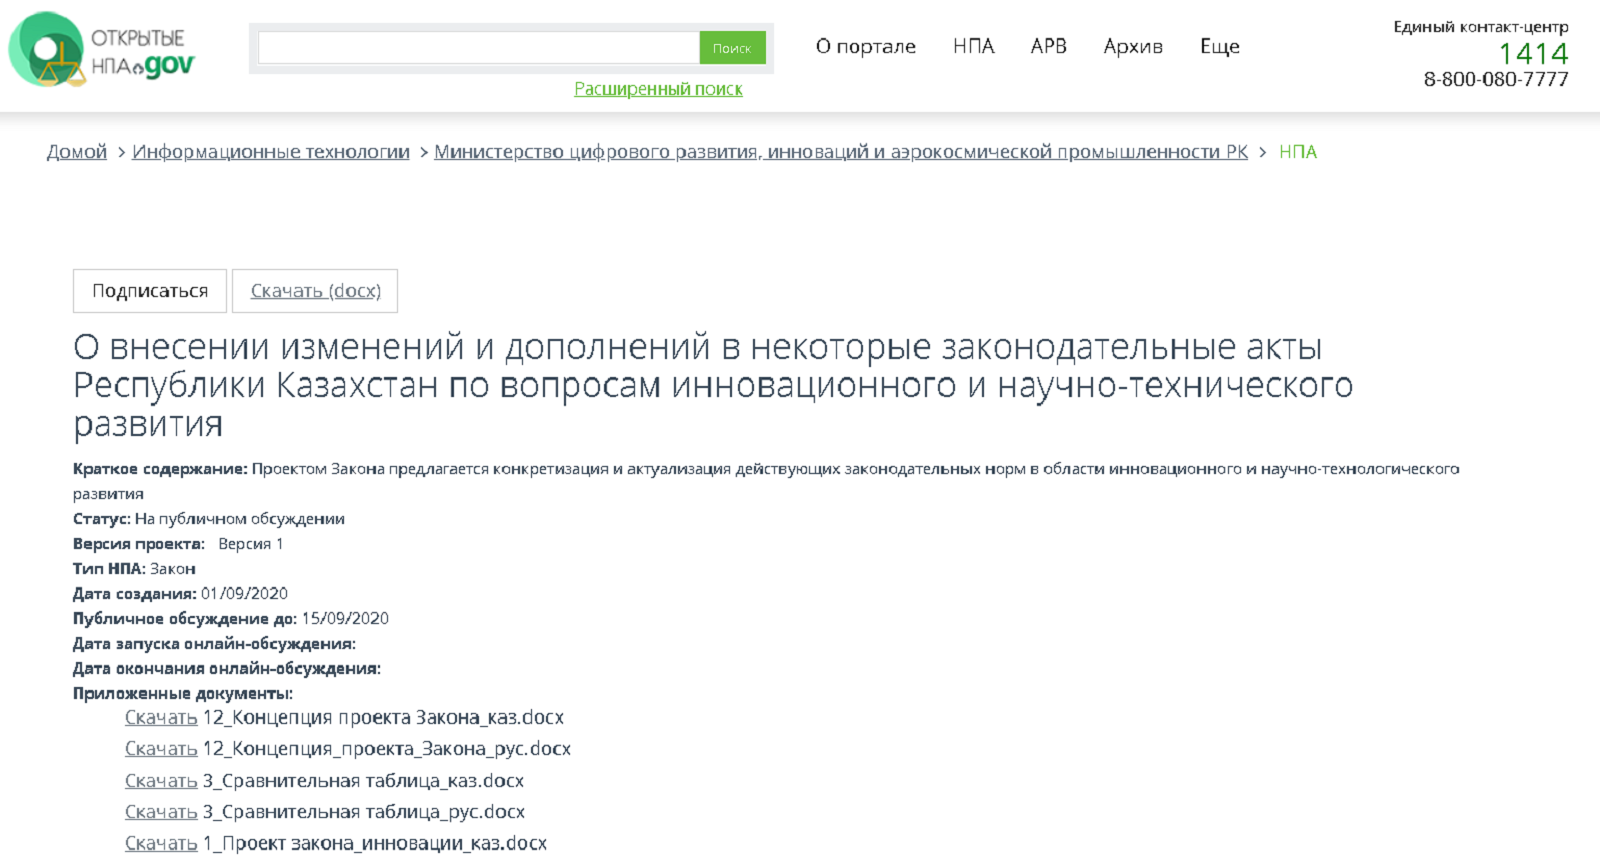 14.09.2020 Казахстанцы могут принять участие в обсуждении законопроекта по инновационному и научно-техническому развитию страны